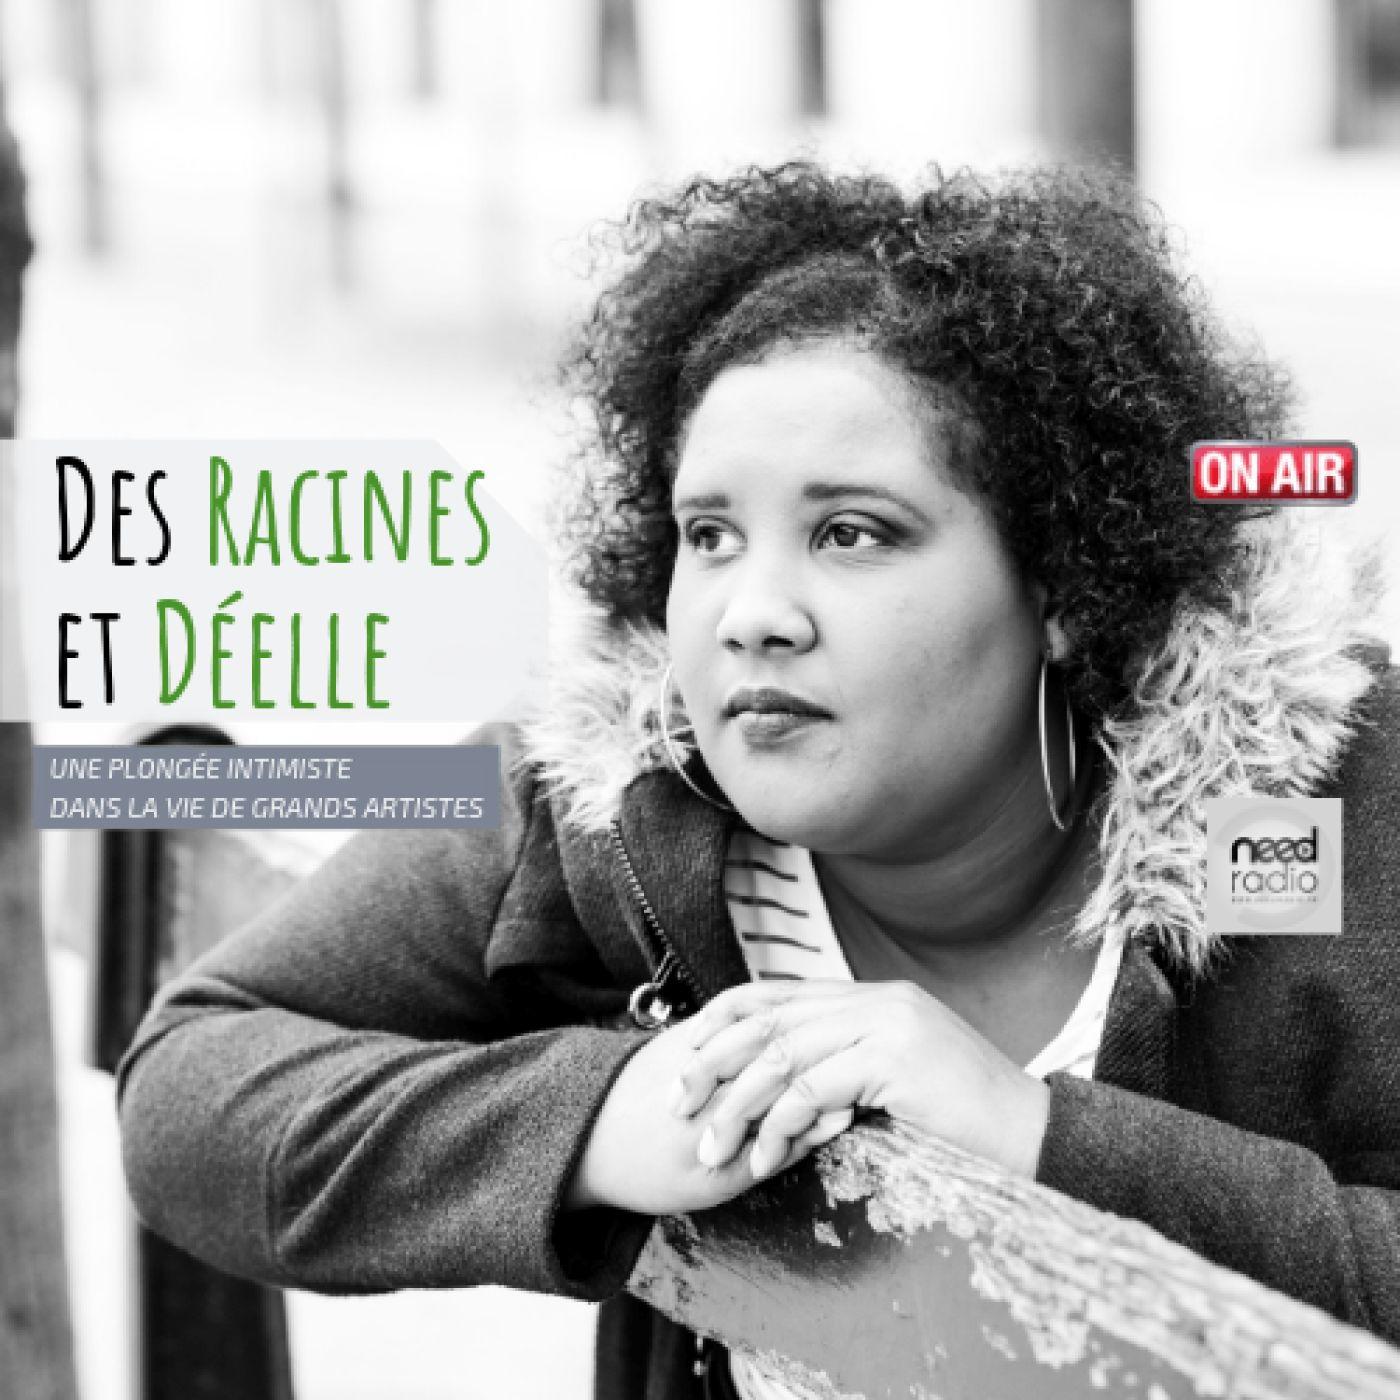 Des Racines et Déelle avec Aude Alisque (20/05/19)